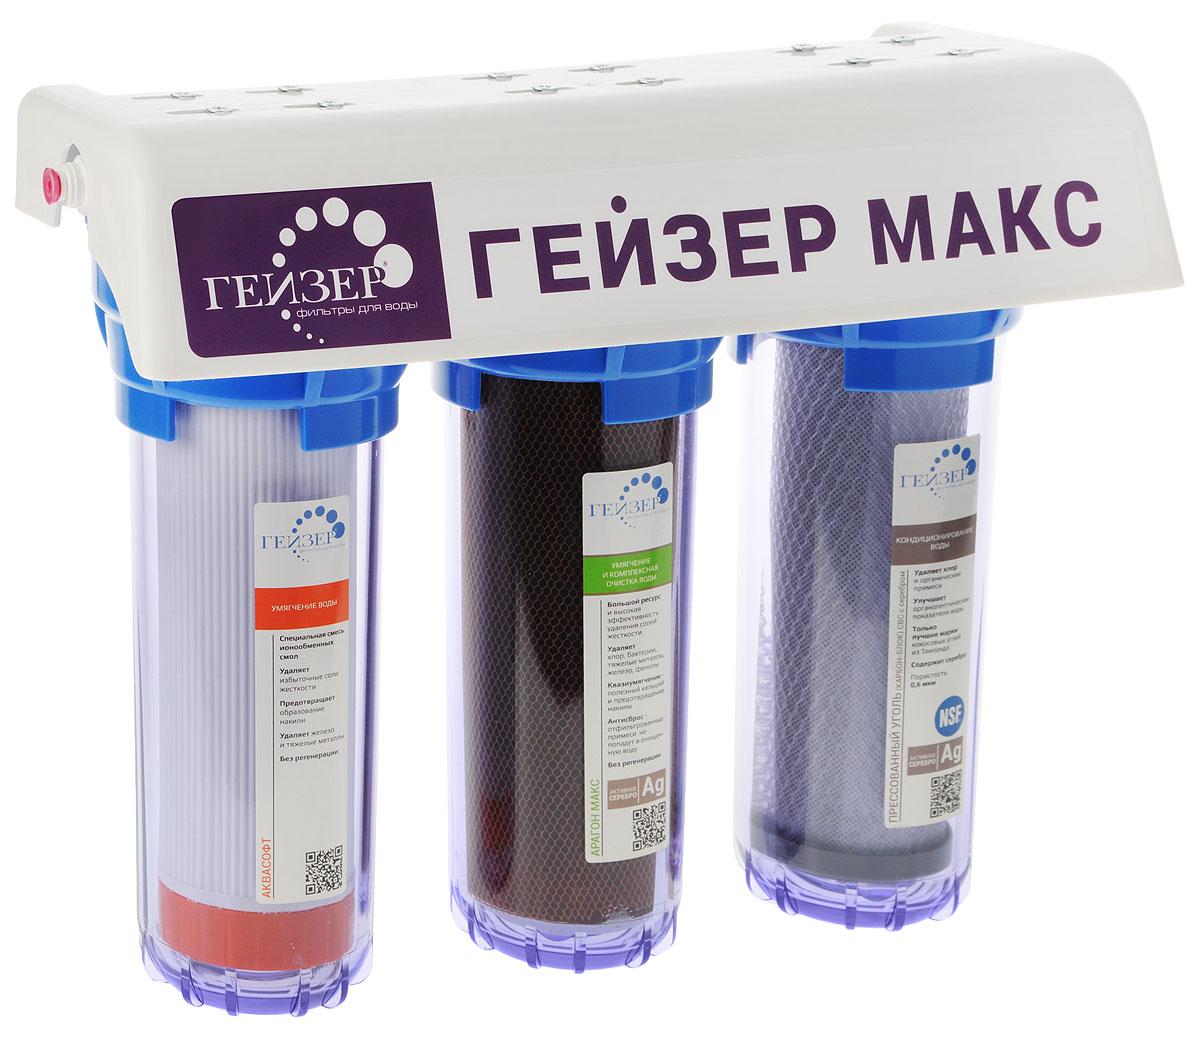 Фильтр трехступенчатый Гейзер Макс, для сверхжесткой воды, цвет: прозрачный16025Трехступенчатый, саморегенерируемый фильтр Гейзер Макс применяется для очистки сверхжесткой воды. Признаки сверхжесткой воды:накипь белого цвета в чайнике после первого кипячения, частый белый налет на сантехнике, пленка в чае. Особенности фильтра: Максимальный ресурс по умягчению воды благодаря сочетанию картриджей AquaSoft и Арагон МАКС. Максимальная польза - устраняя избыточное количество карбоната кальция, Гейзер Макс сохраняет полезный минеральный состав воды. Максимальная экономия - Гейзер Макс экономит ваше время и деньги: для равномерной работы в течение года не требуется регенерация. Максимальный комфорт: компактный, удобный и легкий в установке и работе фильтр для умягчения воды - занимает не более 10% места подстандартной мойкой на вашей кухне. Один поворот ручки крана и у вас чистая и полезная вода. Максимальный эффект - 12 месяцев работы - отсутствие накипи и непревзойденный вкус кулинарных шедевров. Активное серебро в несмываемой форме подавляет размножение отфильтрованных бактерий. Самоиндикация ресурса - появление накипи или снижение напора воды указывают на необходимость замены картриджа. Антисброс - все отфильтрованные примеси необратимо задерживаются в лабиринтной структуре картриджа. Квазиумягчение - в процессе фильтрации через картридж Арагон вода насыщается полезным кальцием - Арагонитом (профилактикасердечно-сосудистых заболеваний). Очищенная вода при кипячении не образует накипи на нагревательных элементах. Состав картриджей фильтра: Аквасофт - специальная смесь ионообменных смол питьевого класса. Арагон Макс - уникальный картридж, разработанный специально для очистки жесткой воды. СВС - технология карбон-блок, удаляет оставшиеся органические примеси и улучшает органолептические показатели очищенной воды. Назначение картриджей: 1-я ступень. Композитный картридж Аквасофт, фильтрующей средой которого является смесь ионообменных смол питьевого класса. Егоэффективност